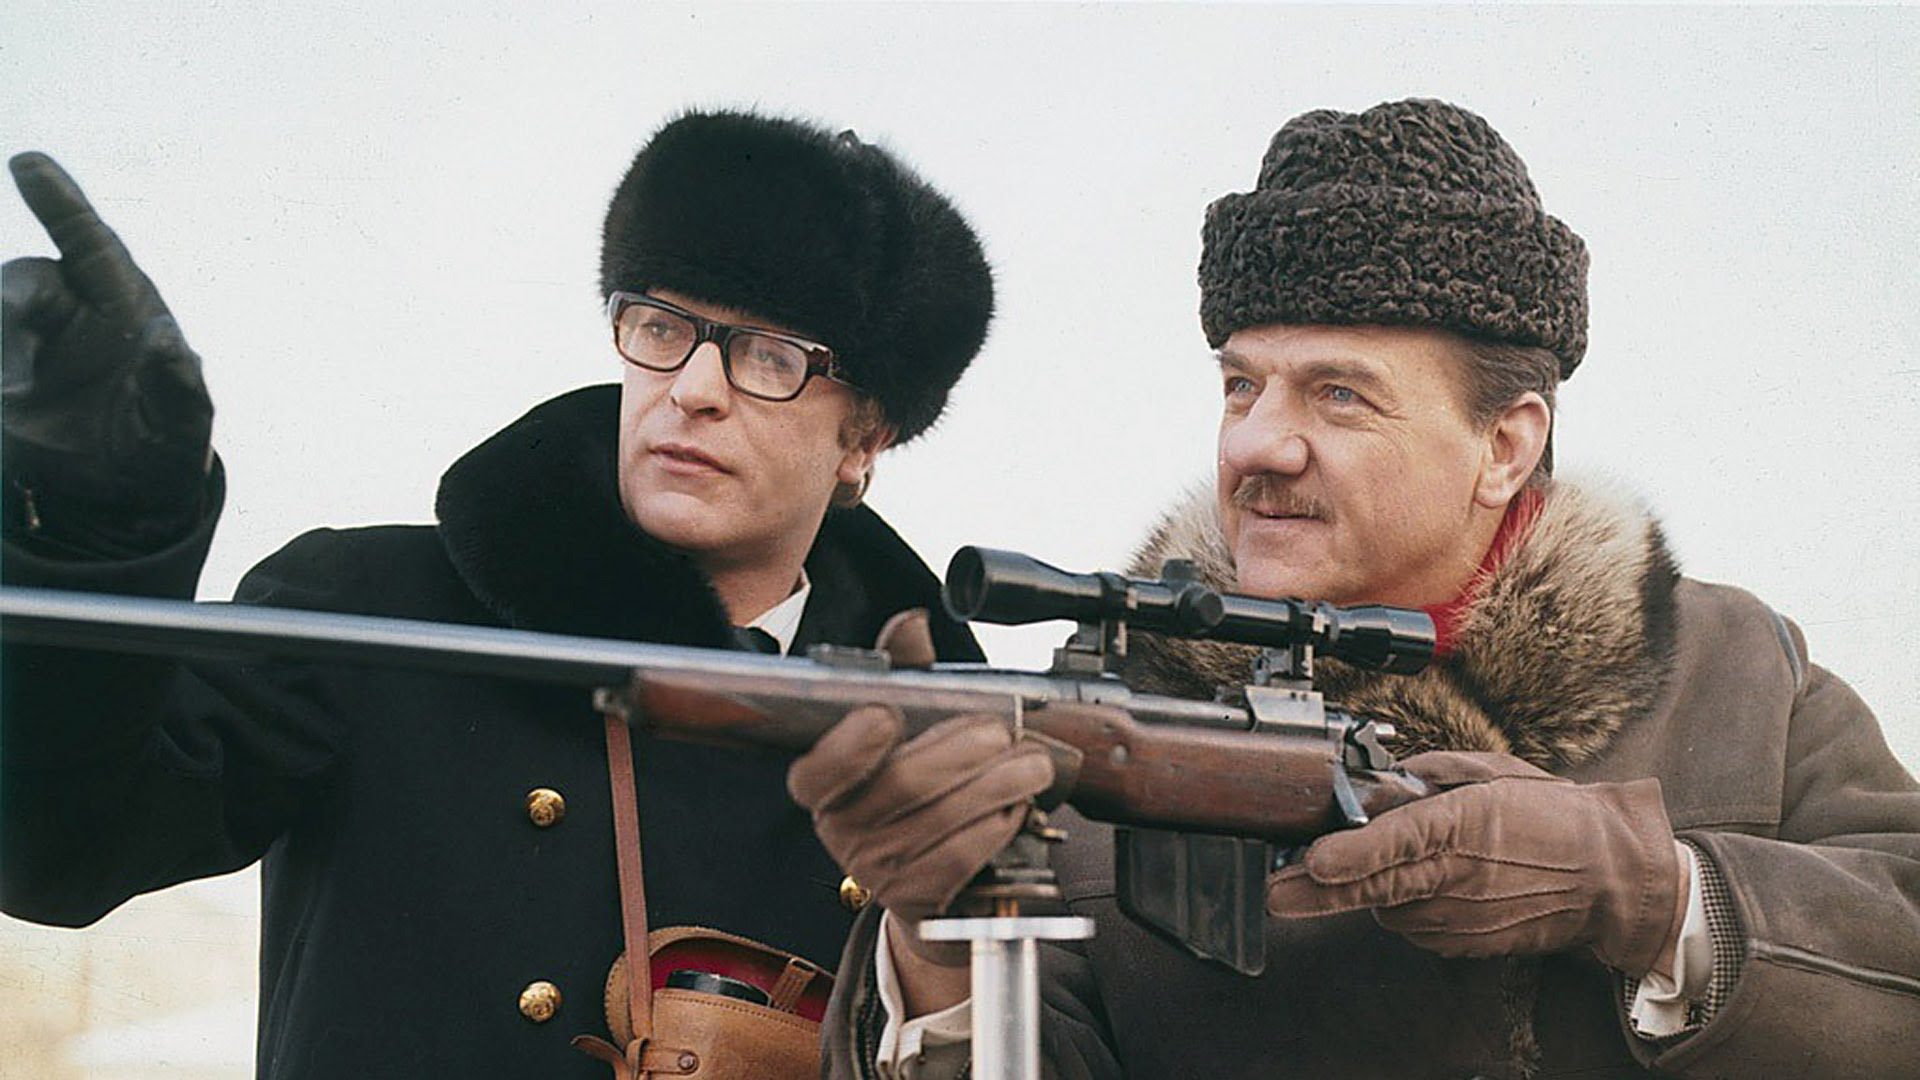 Harry Palmer (Michael Caine) and Leo Newbigen (Karl Malden) in Billion Dollar Brain (1967)